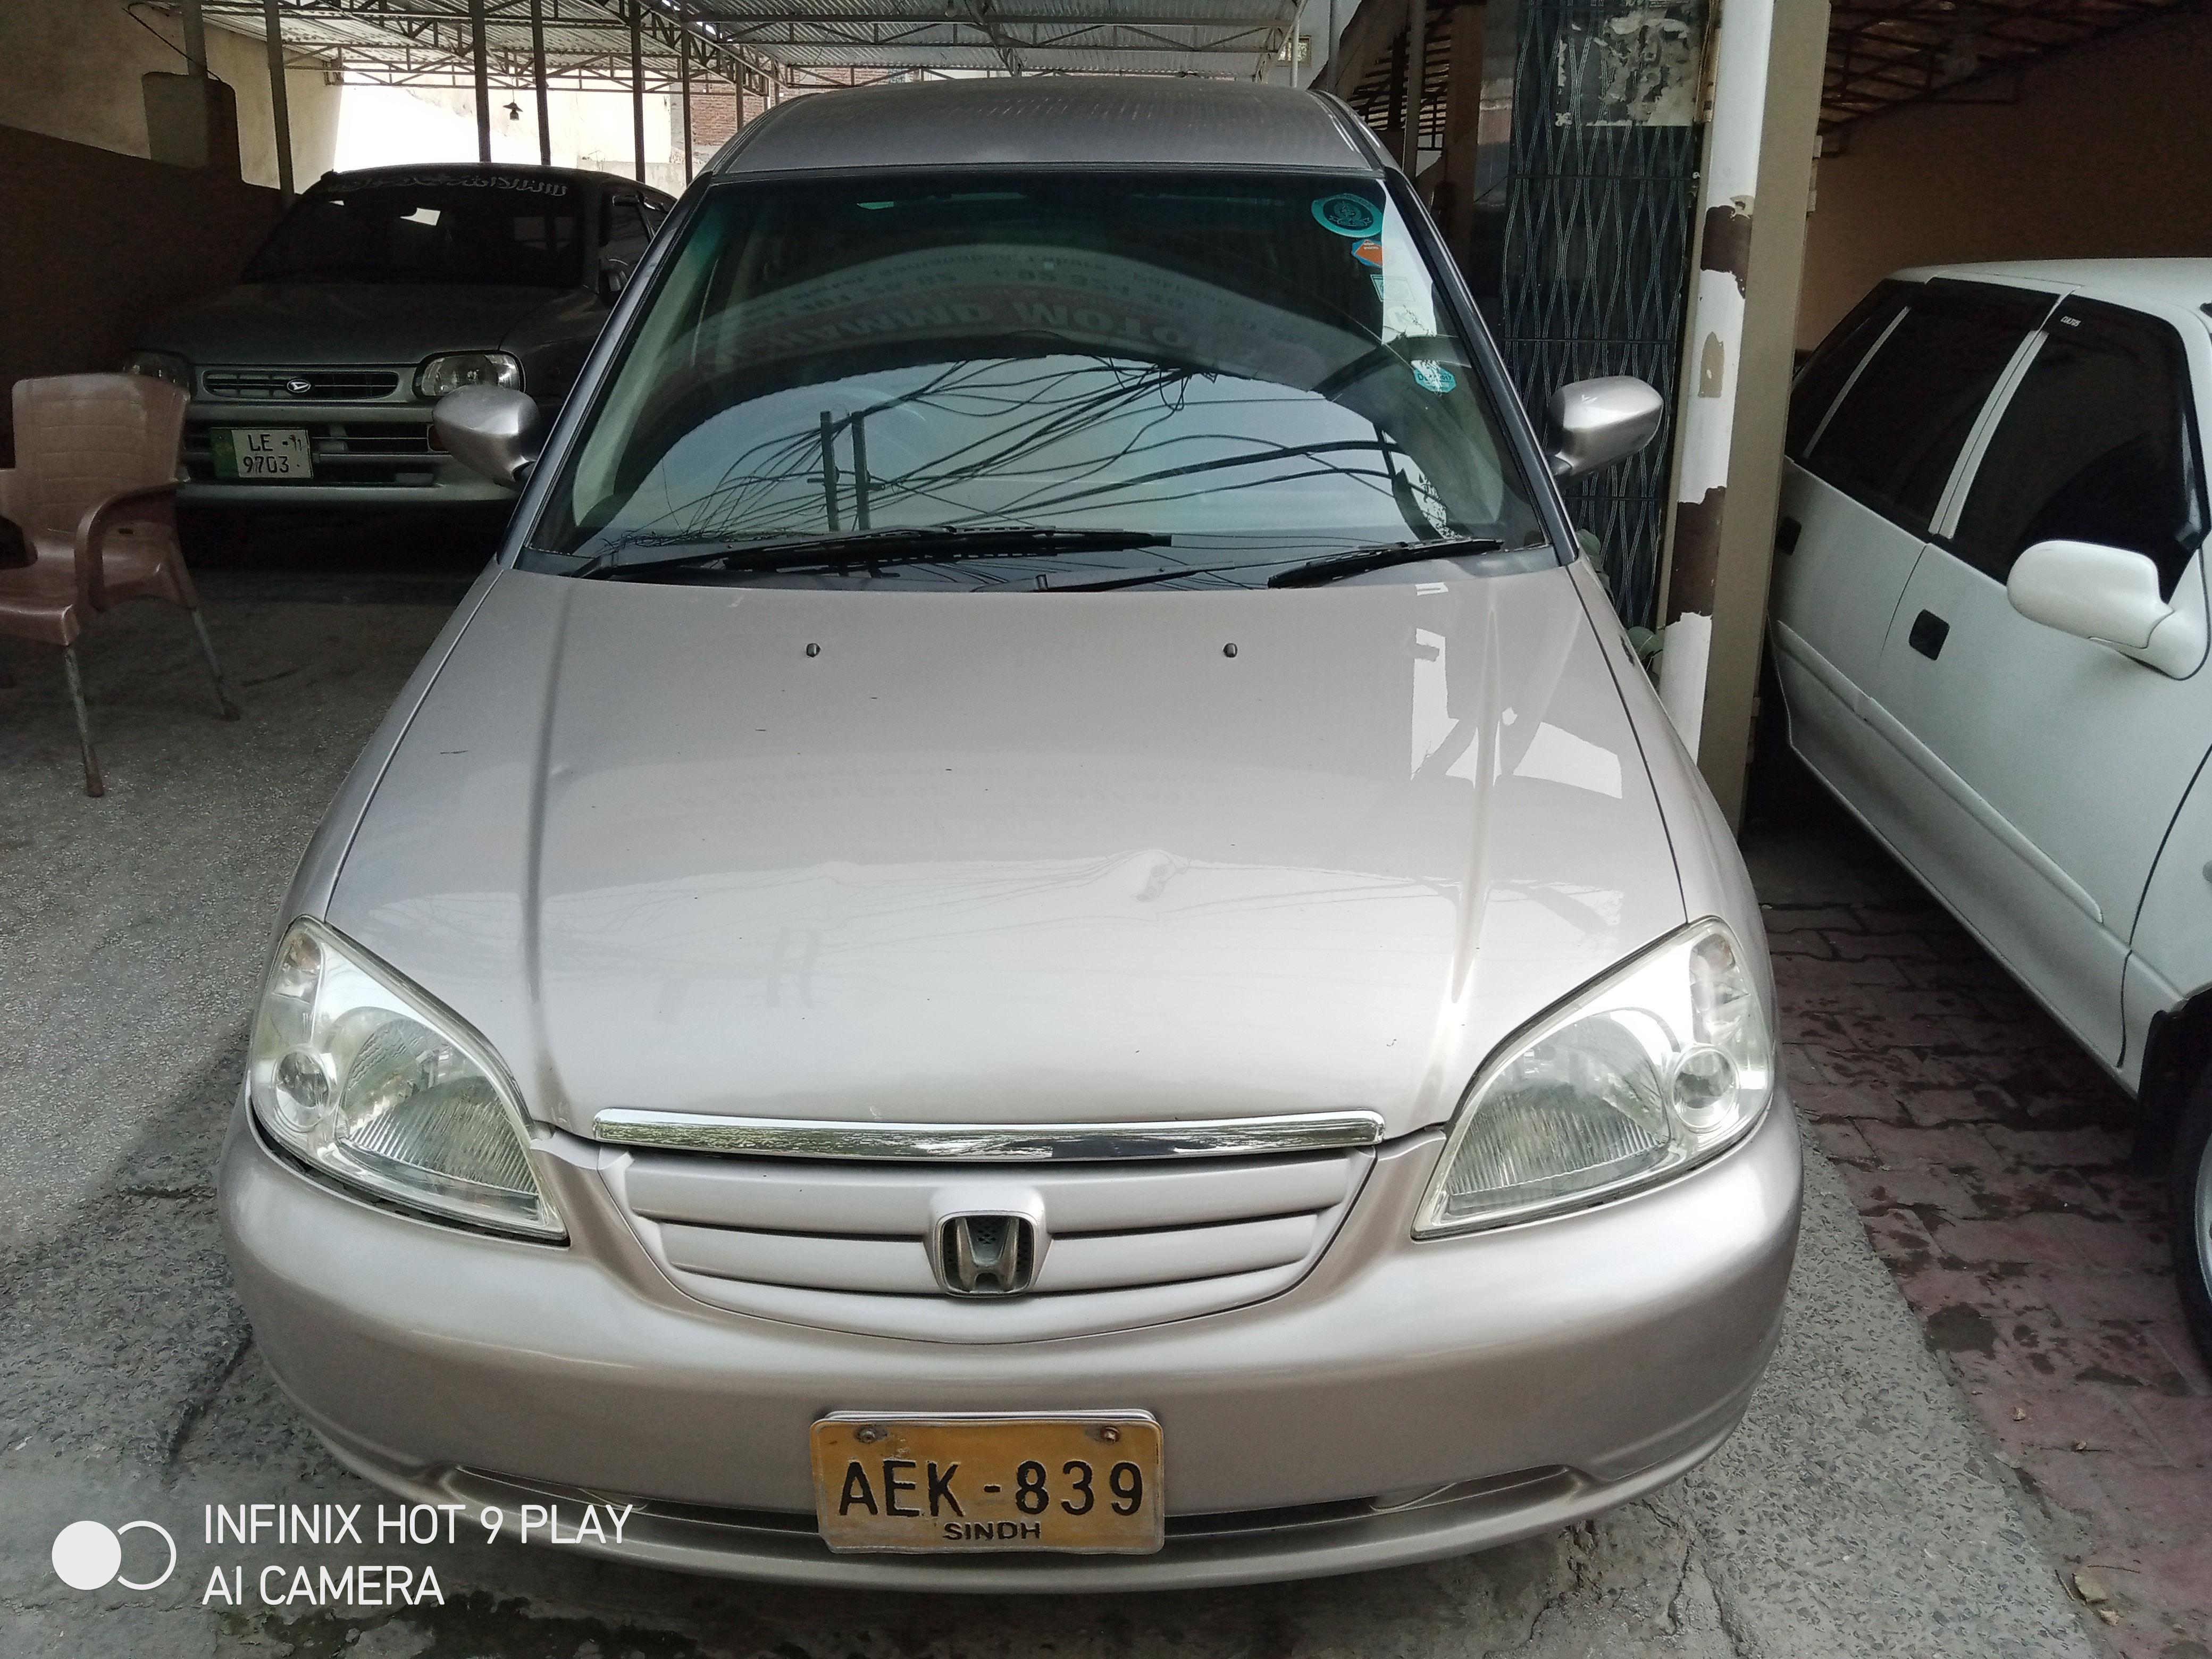 Honda Civic VTi 1.6 2002